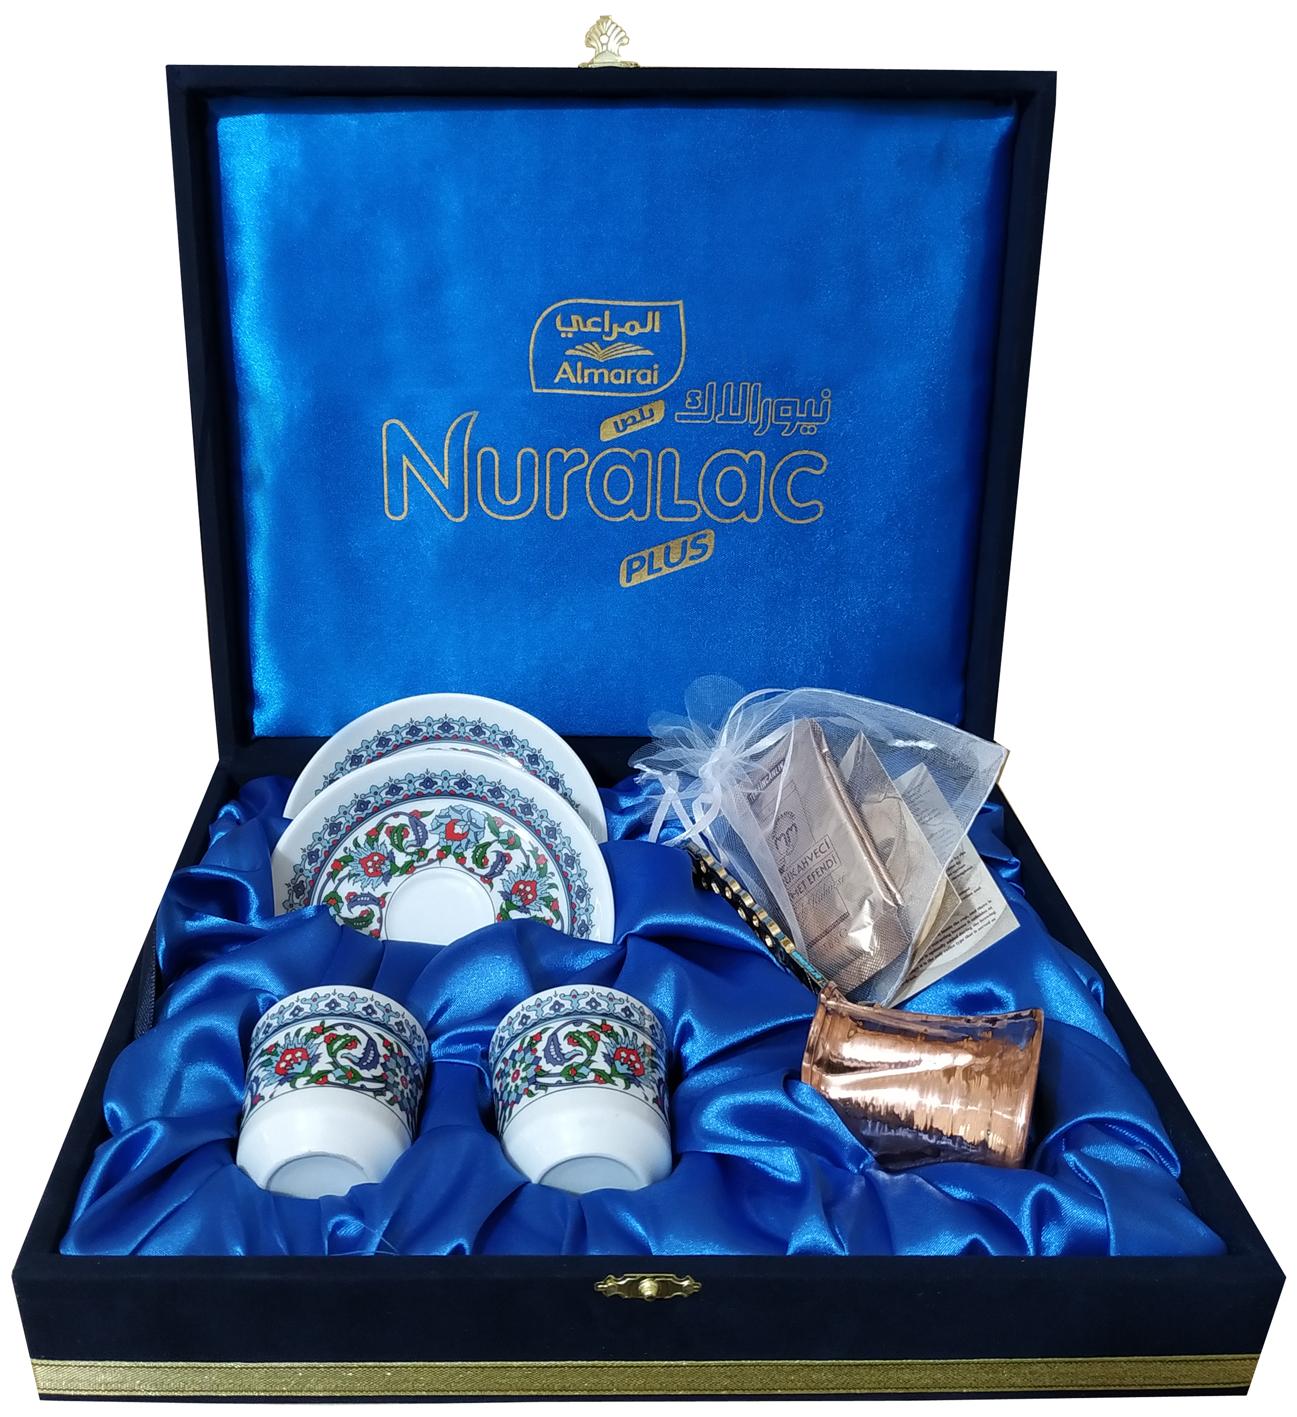 Promosyon tanıtım ürünleri Bakır Cezveli Kahveli  İkili Kahve Takımları Kadife  Kutuda Logo Uygulamalı